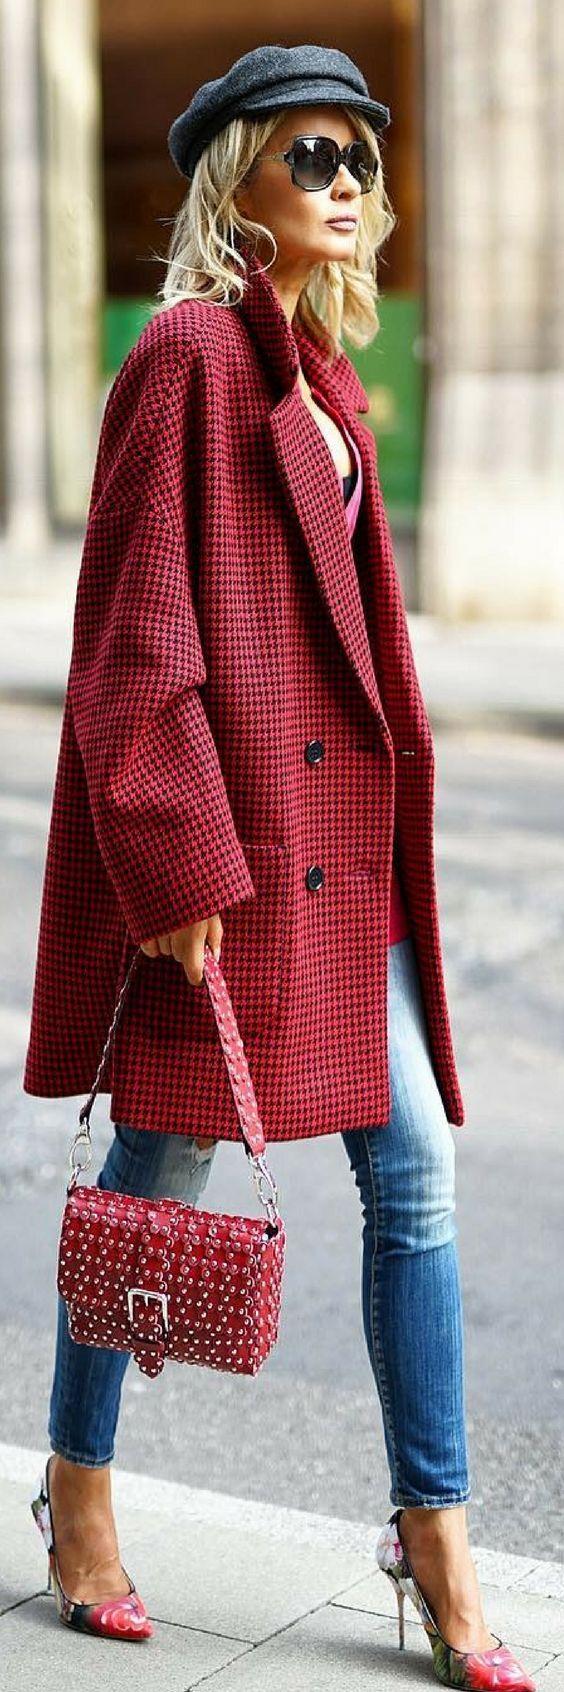 Manteau rouge Valentino   inspiration pour un look automne hiver avec la  casquette mi-marine mi-titi parisien qu on adore ! b5cd56cb5eb